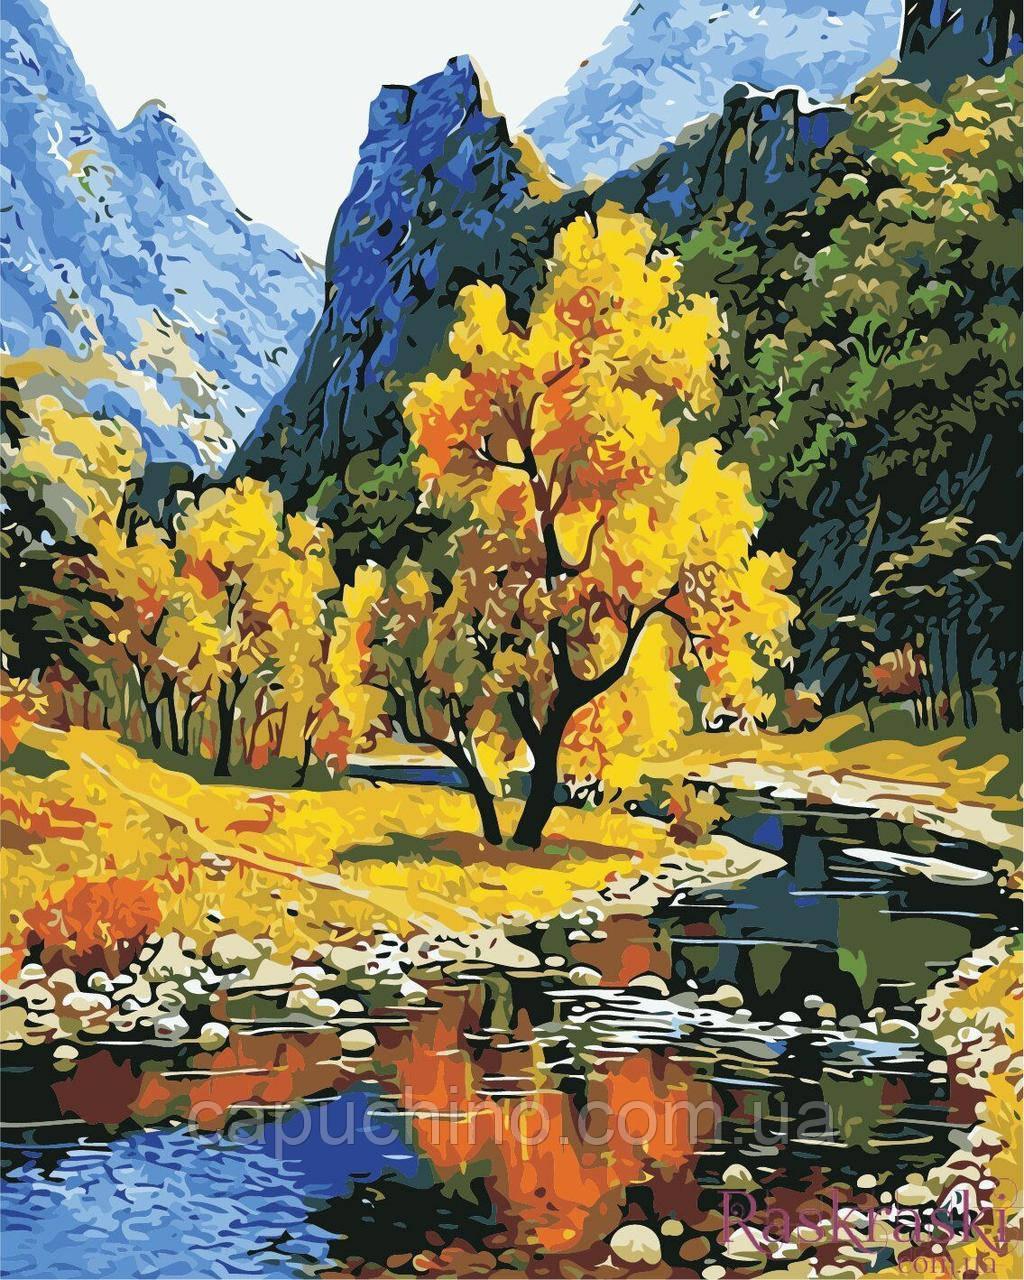 Картина за номерами Осінь в горах, 40x50 див., Art Story